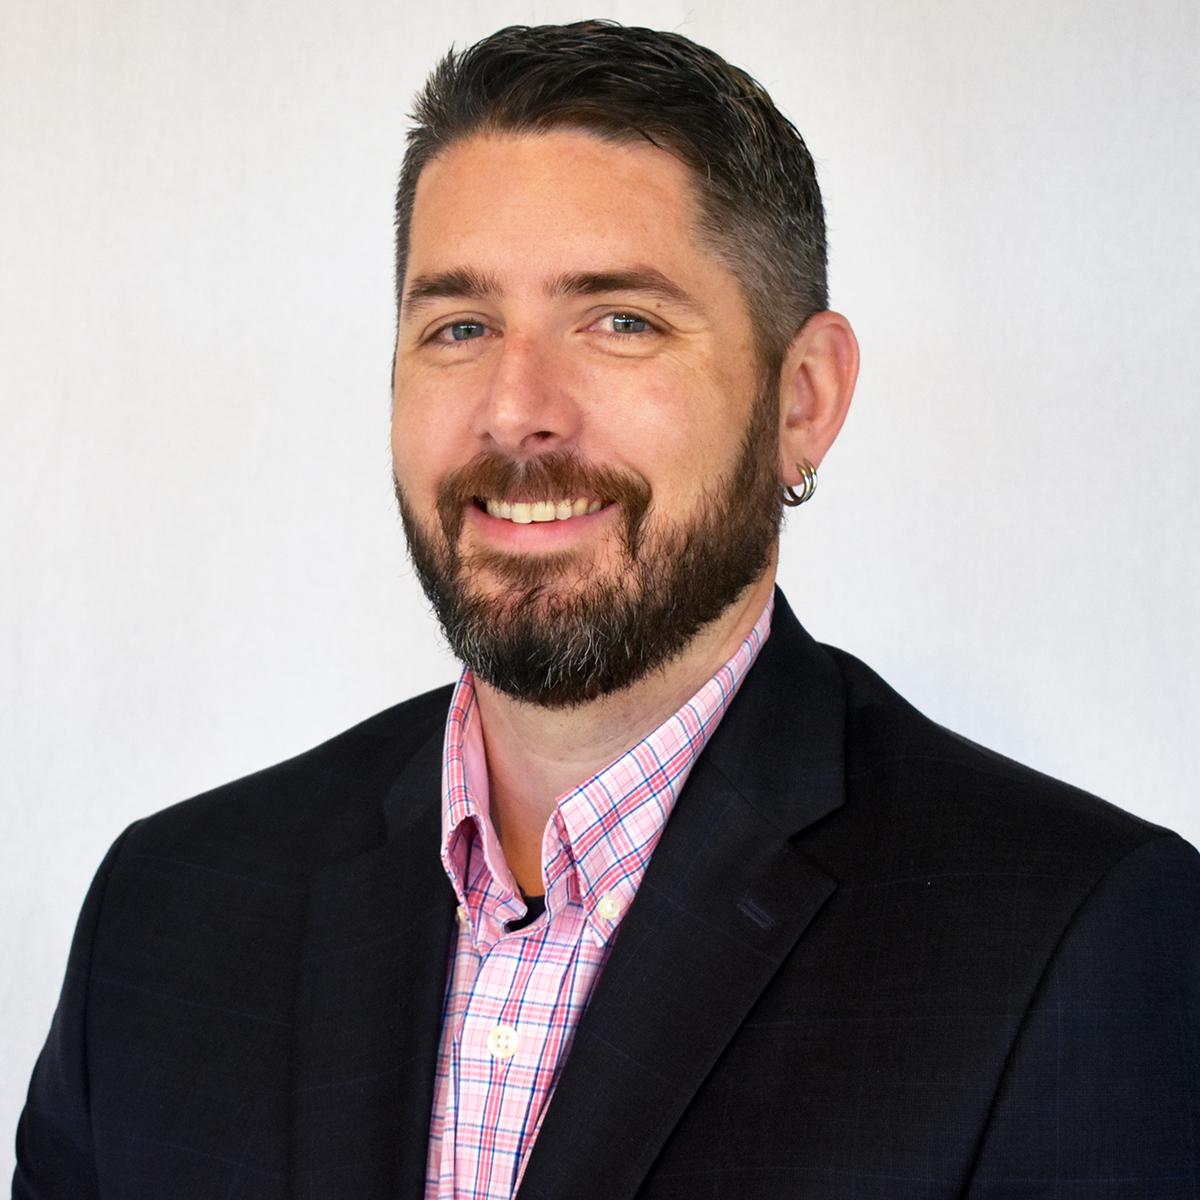 Pastor Dan Booker